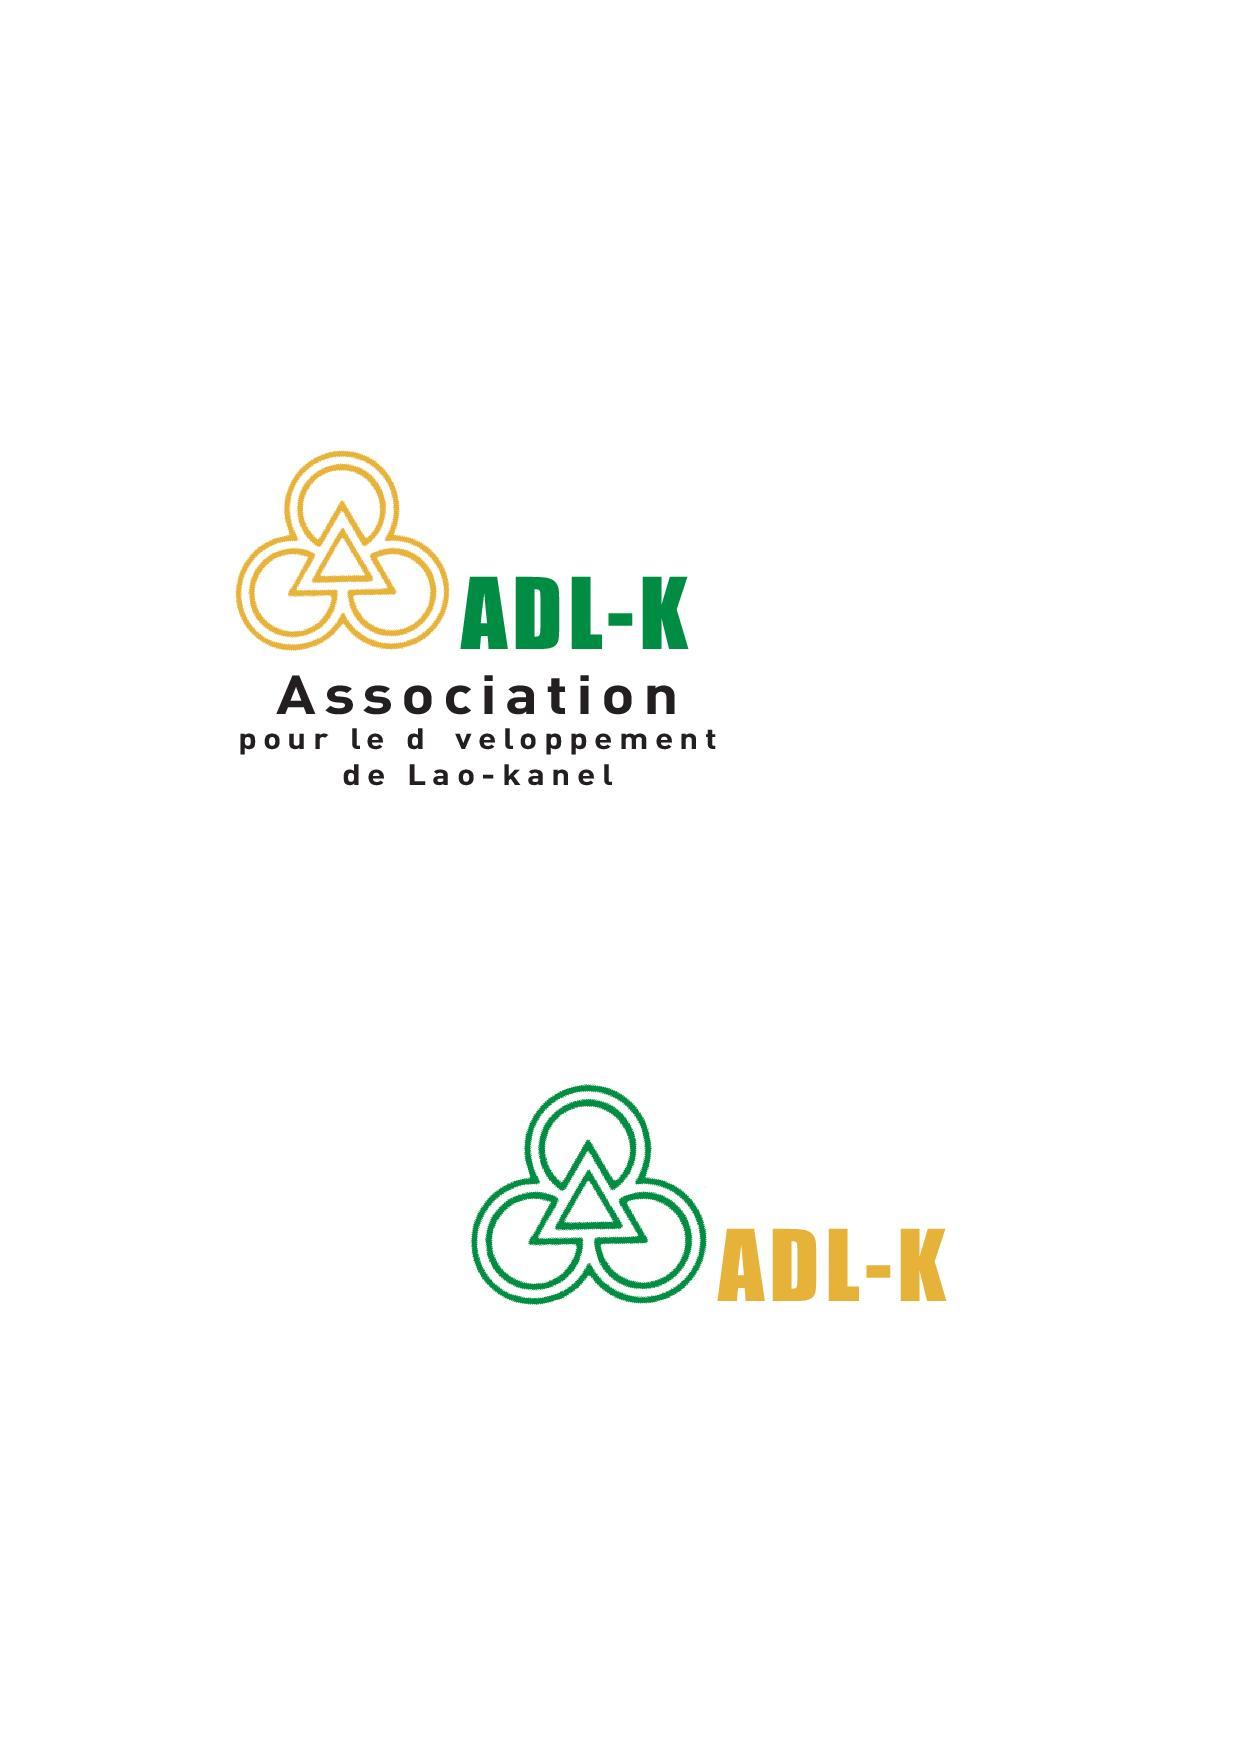 ADL-K